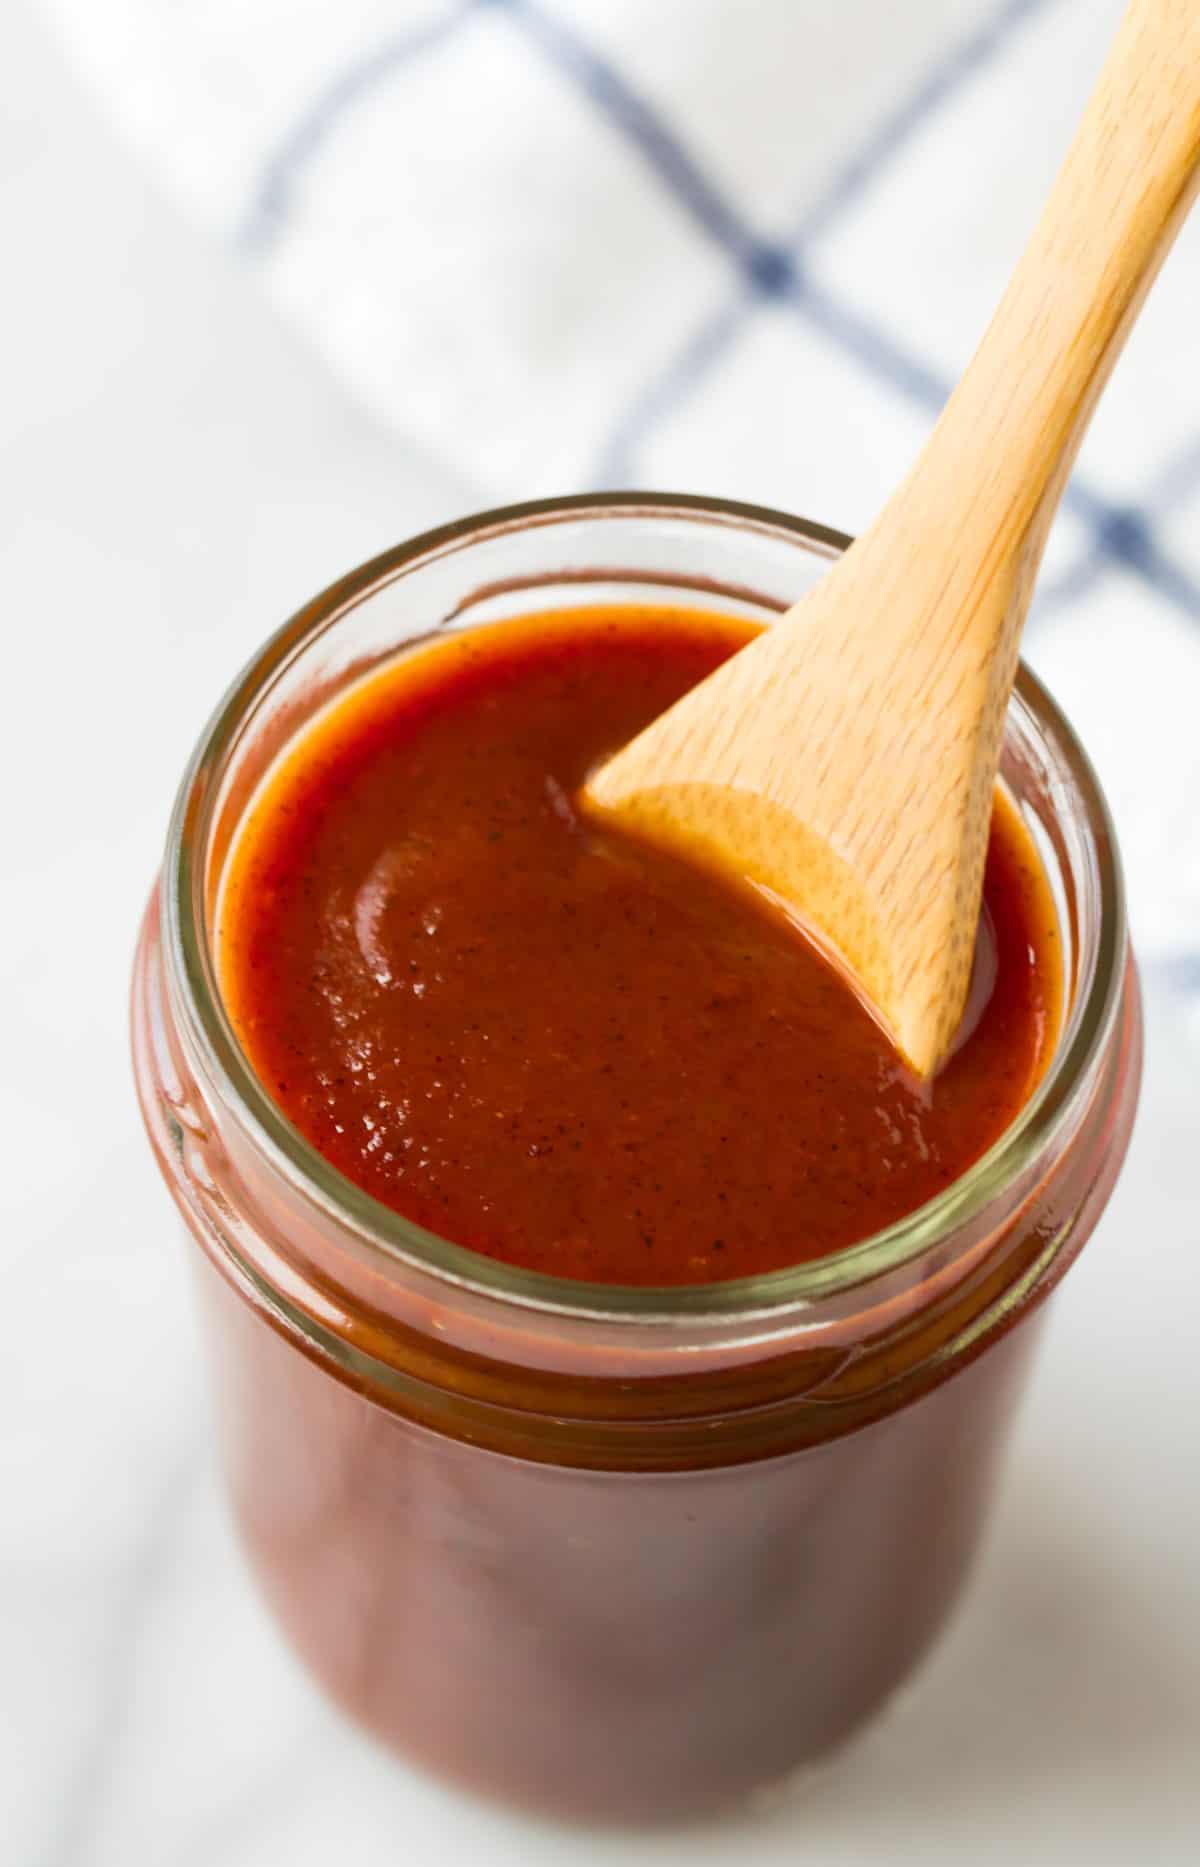 Receta clásica de salsa de enchilada en un frasco